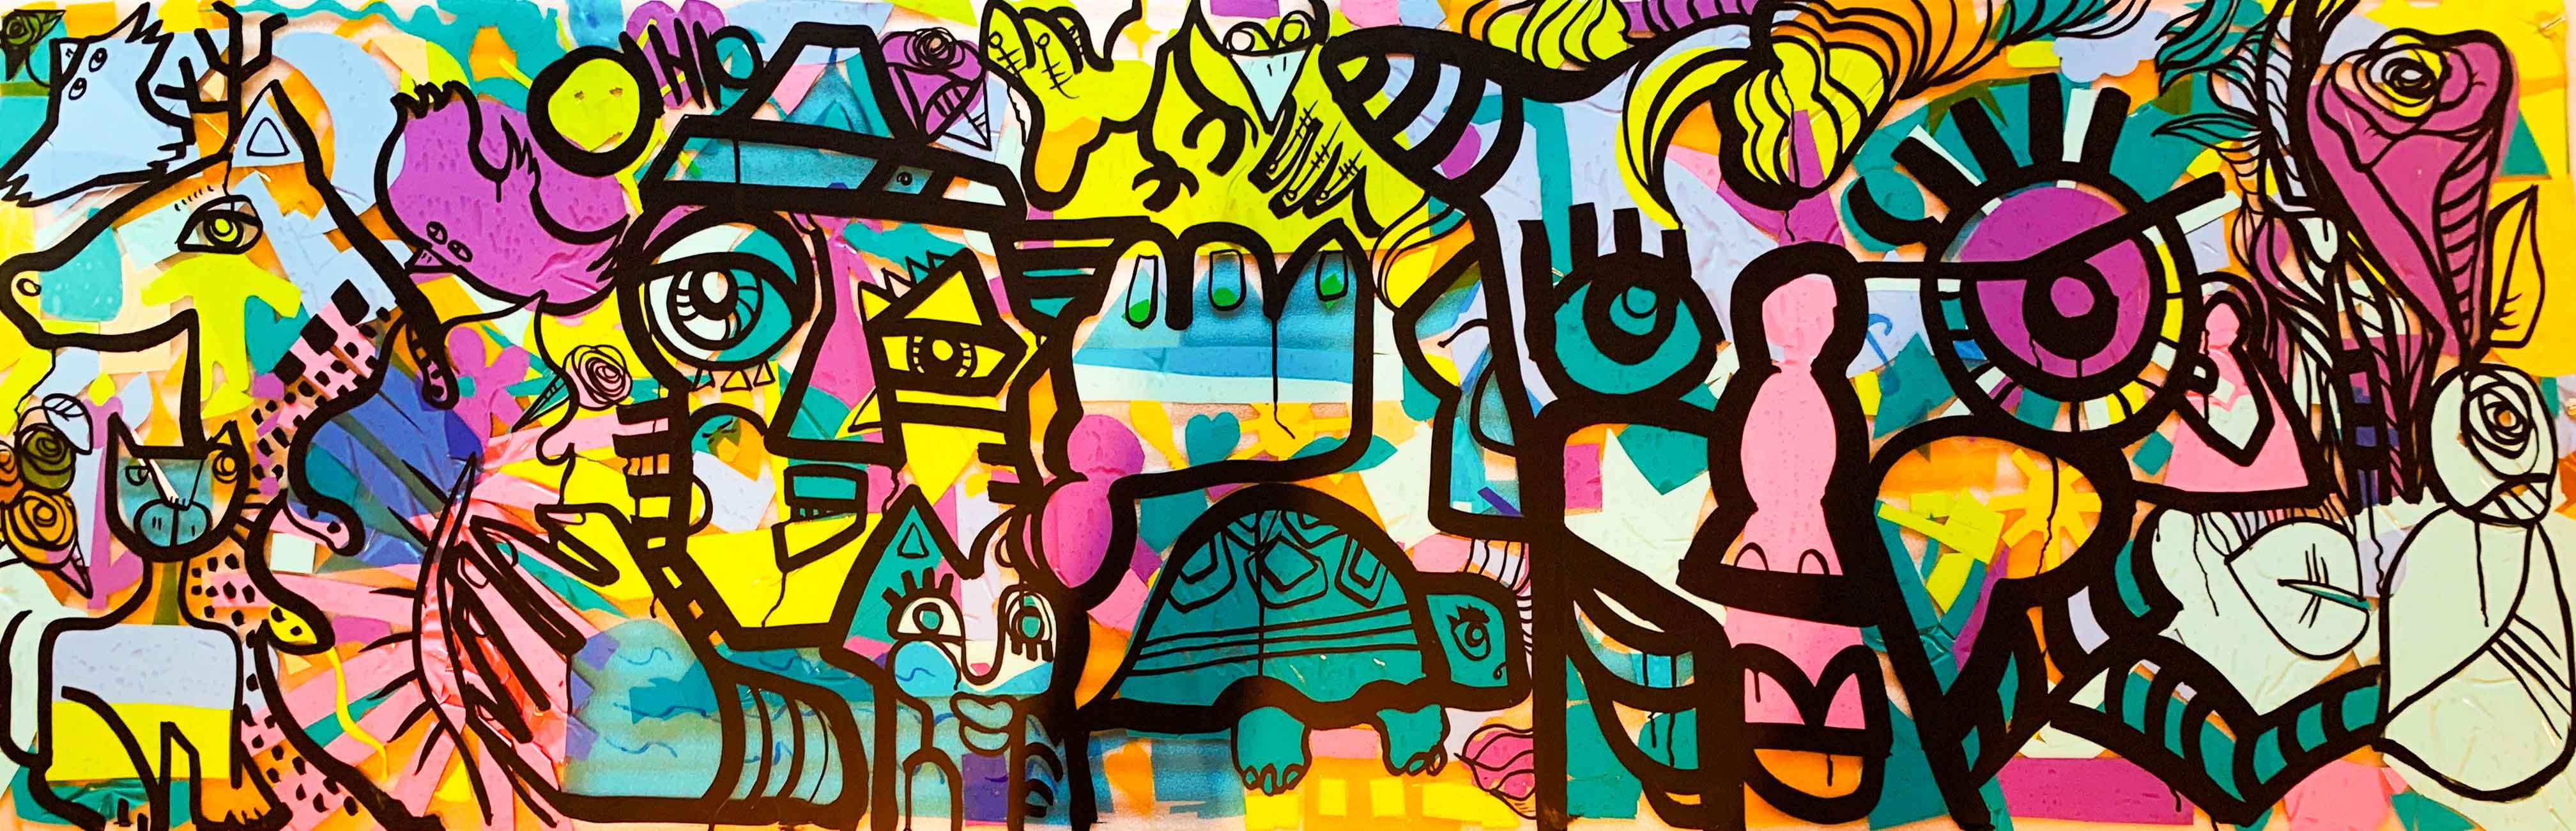 œuvre commune My Art Box par aNa artiste format Tube néon peint lors d'un Team building Jura